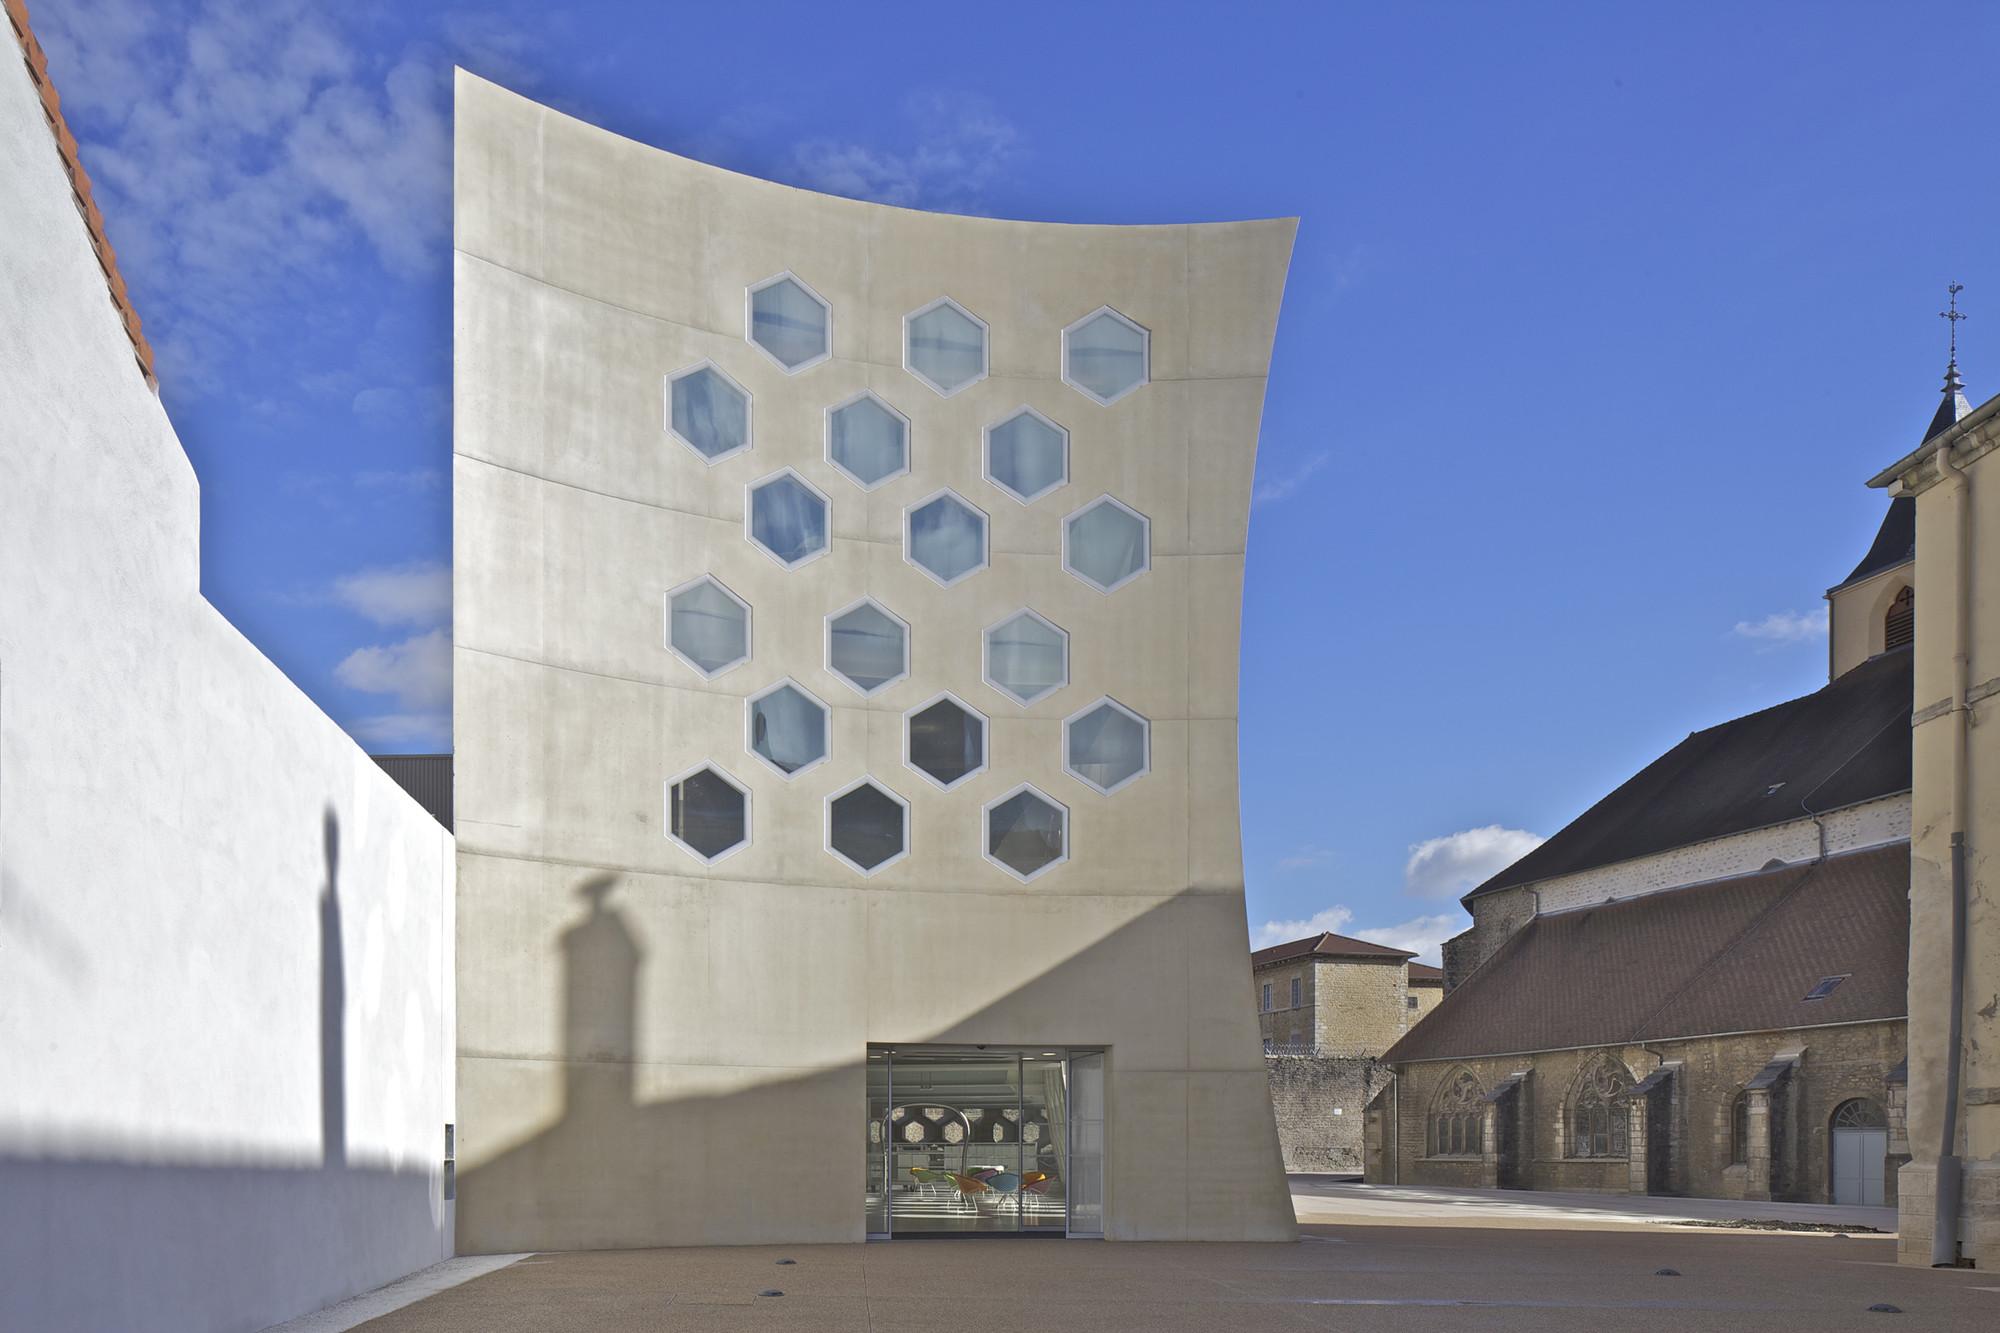 Gallery of lons le saunier mediatheque du besset lyon architectes 2 - Lons le saunier office du tourisme ...